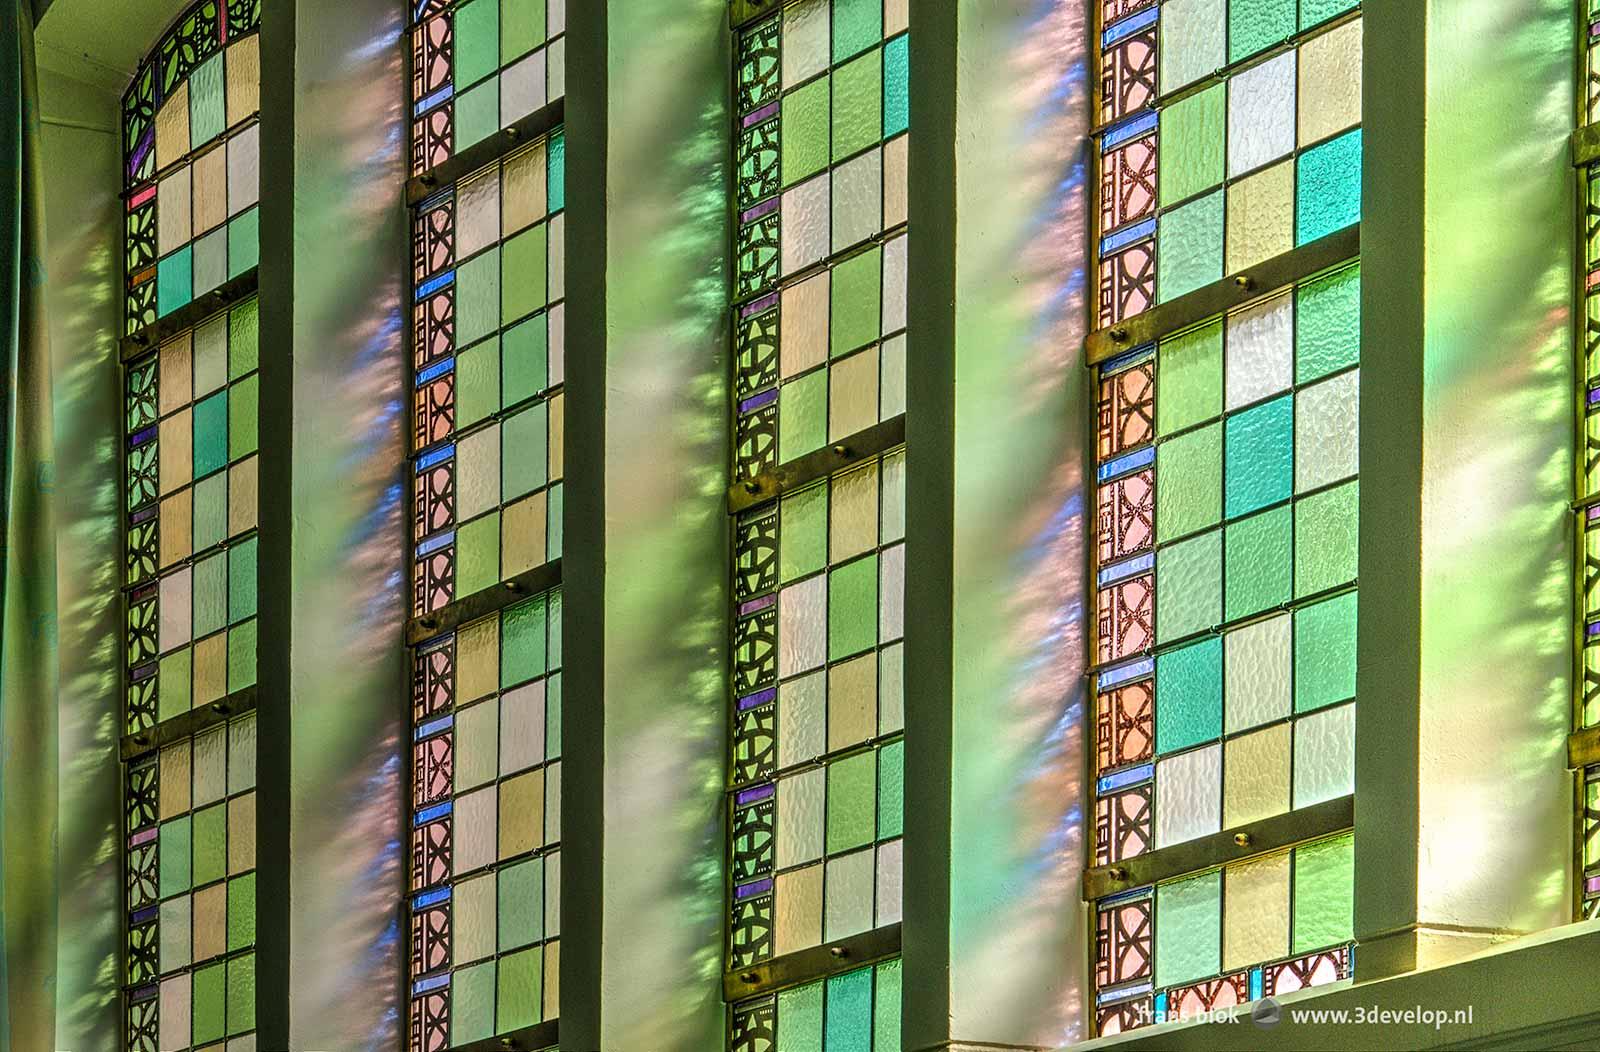 Glas-in-loodramen in de Bergsingelkerk in Rotterdam tijdens de Open Monumentendag